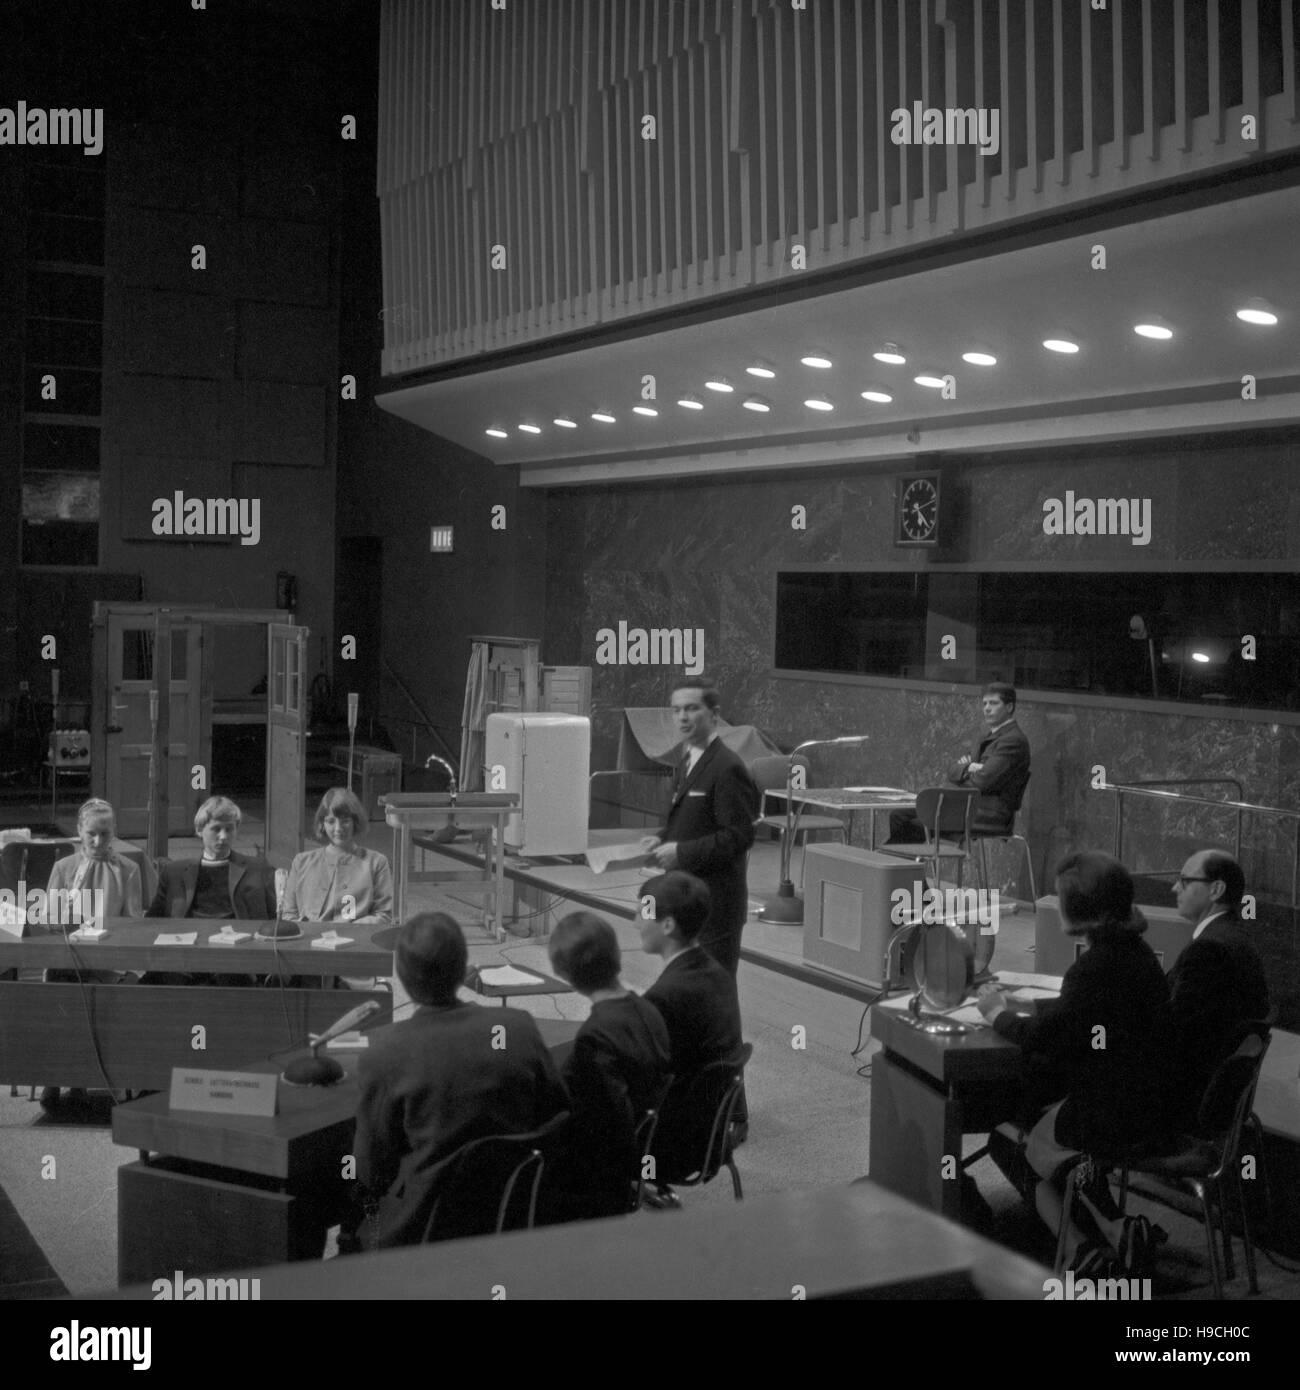 Szenenfoto aus einer Produktion des Schulfunks beim NDR in Hamburg, Deutschland 1960er Jahre. Scene shot from educational television at Norddeutscher Rundfunk in Hamburg, Germany 1960s. Stock Photo